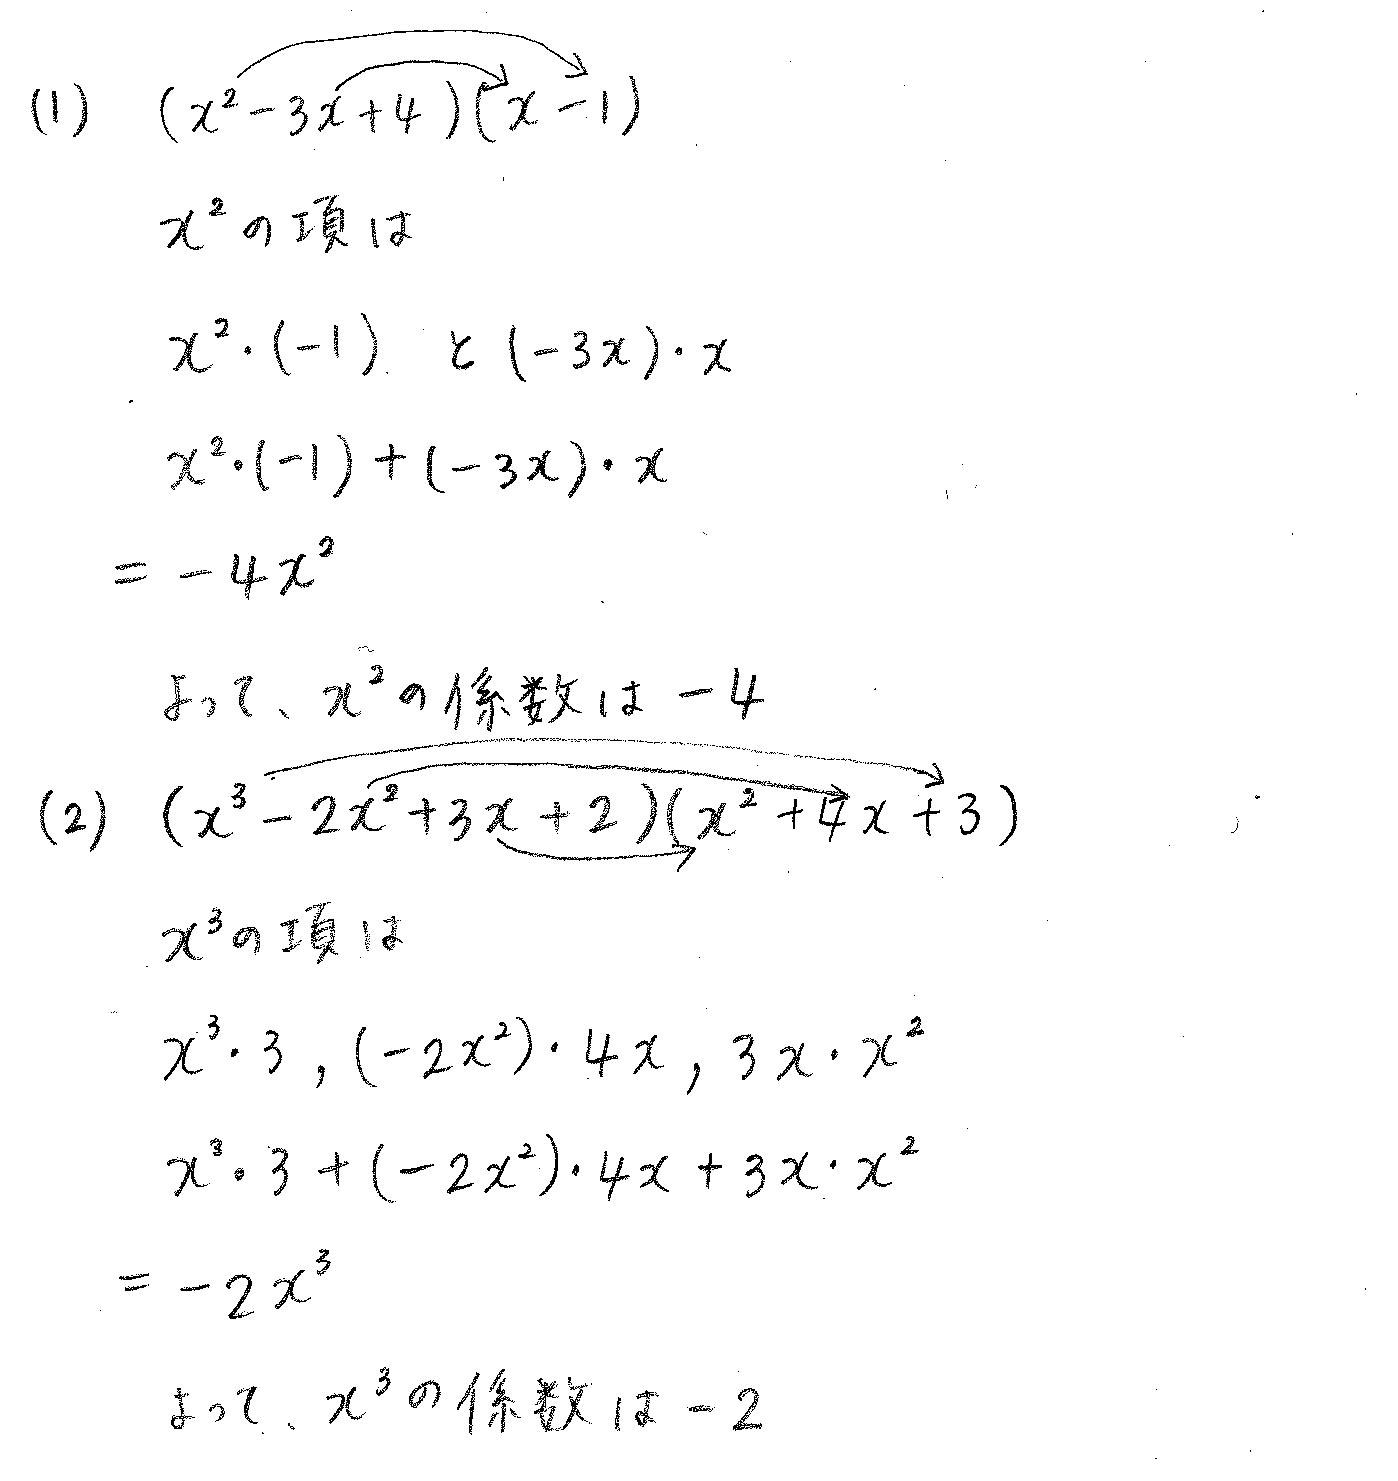 クリアー数学1-28解答